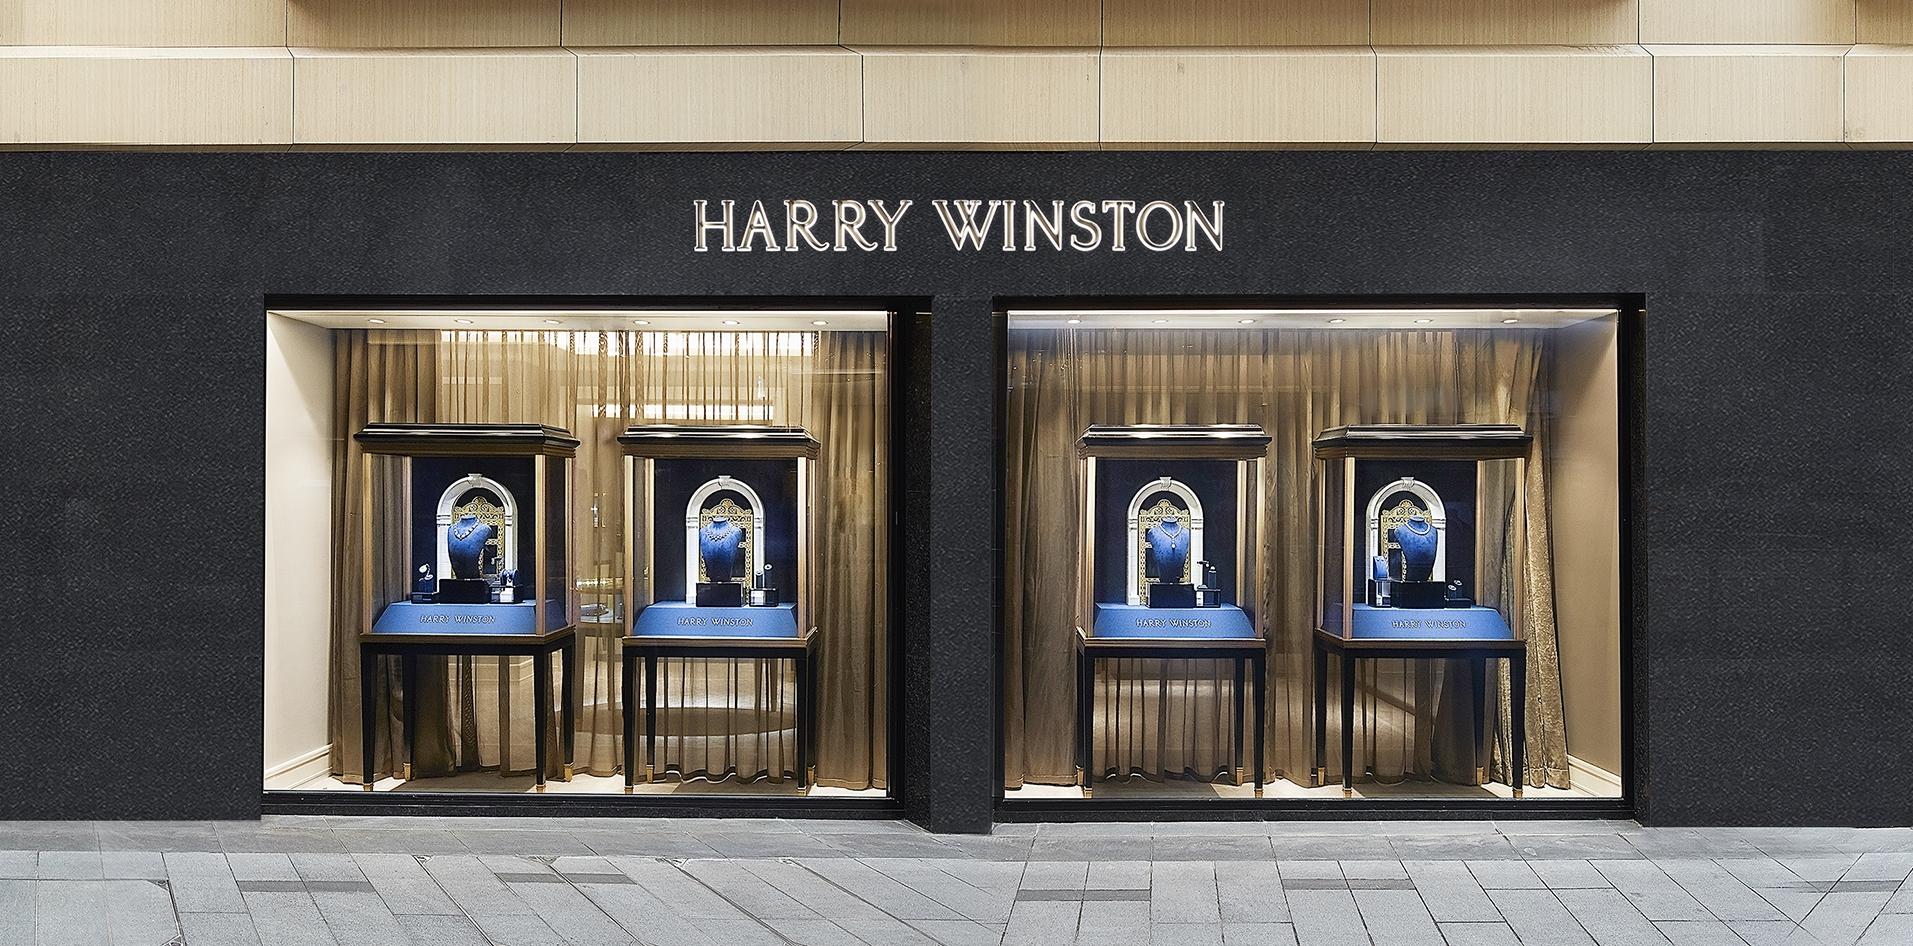 『鑽石之王』海瑞溫斯頓Harry Winston香港文華東方酒店品牌專門店嶄新隆重開幕